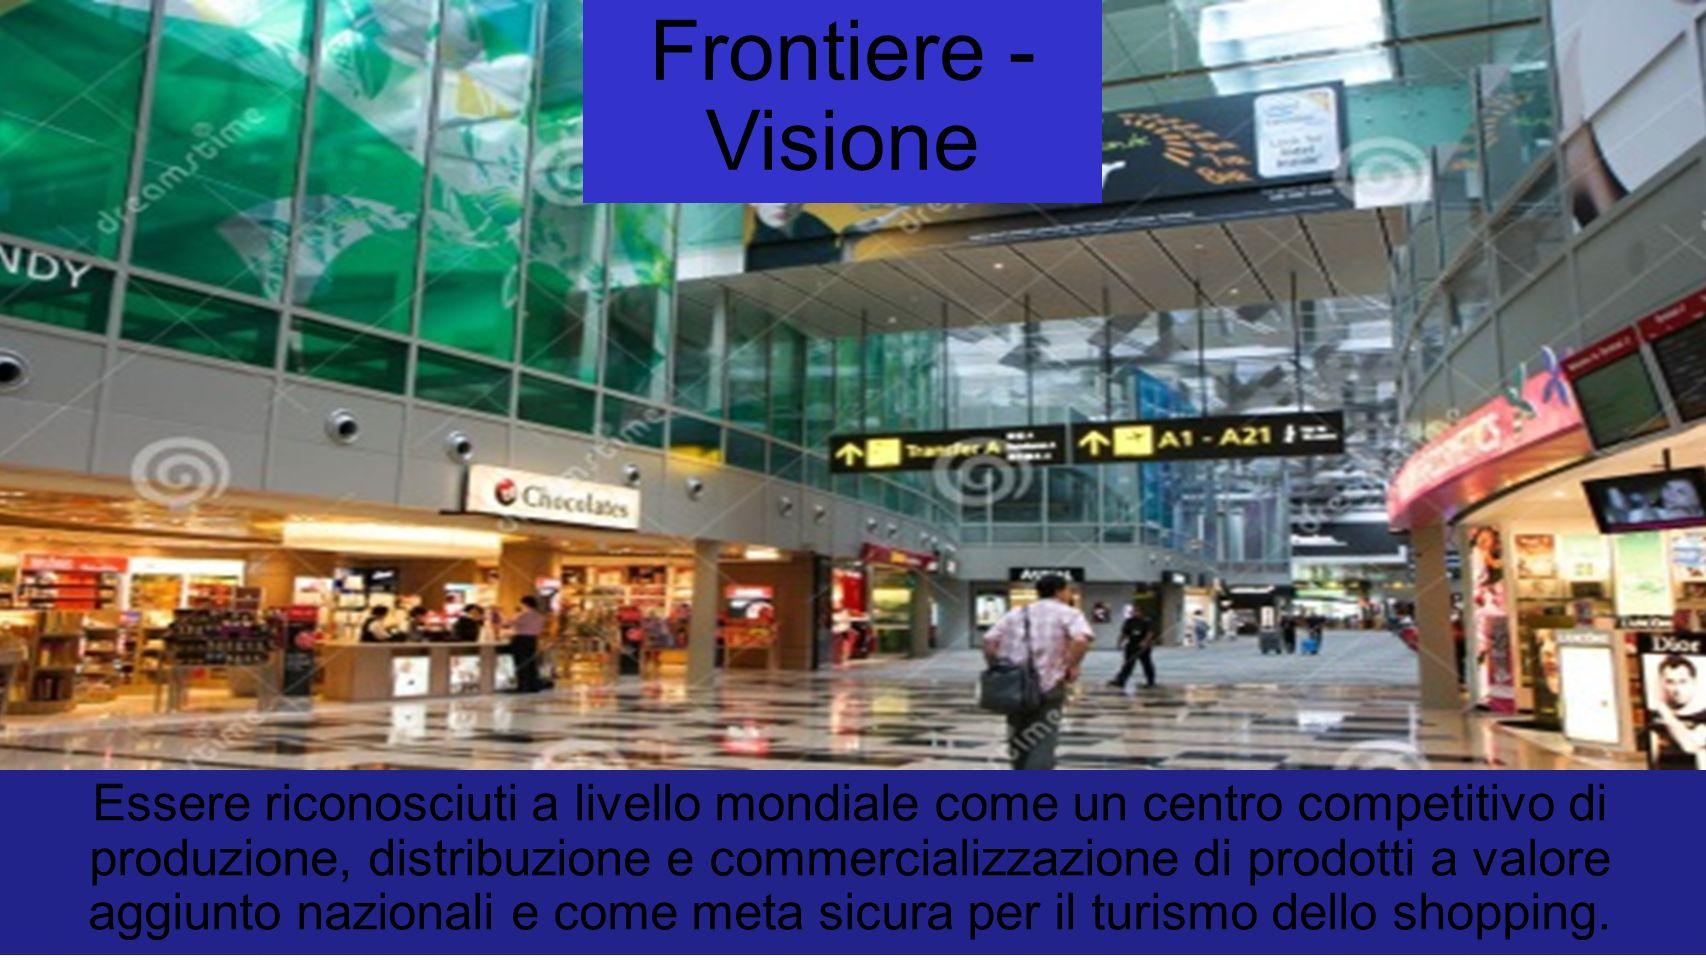 Frontiere - Visione Essere riconosciuti a livello mondiale come un centro competitivo di produzione, distribuzione e commercializzazione di prodotti a